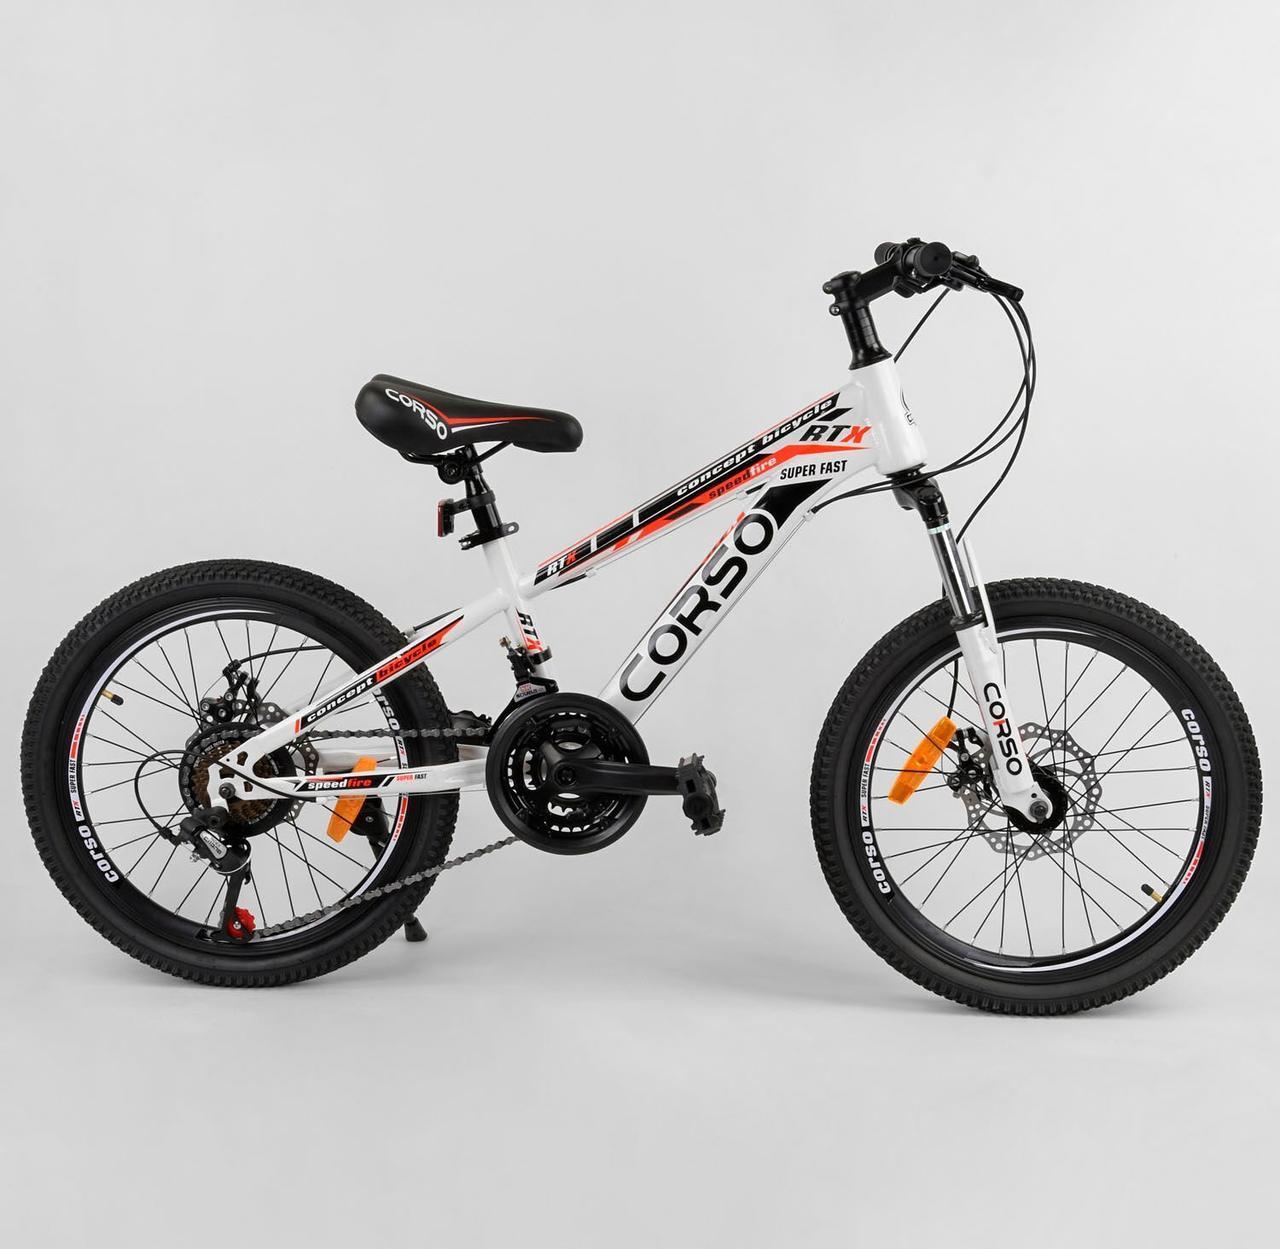 Двоколісний дитячий спортивний велосипед з перемиканням швидкостей і дисковими гальмами CORSO 30984 , білий